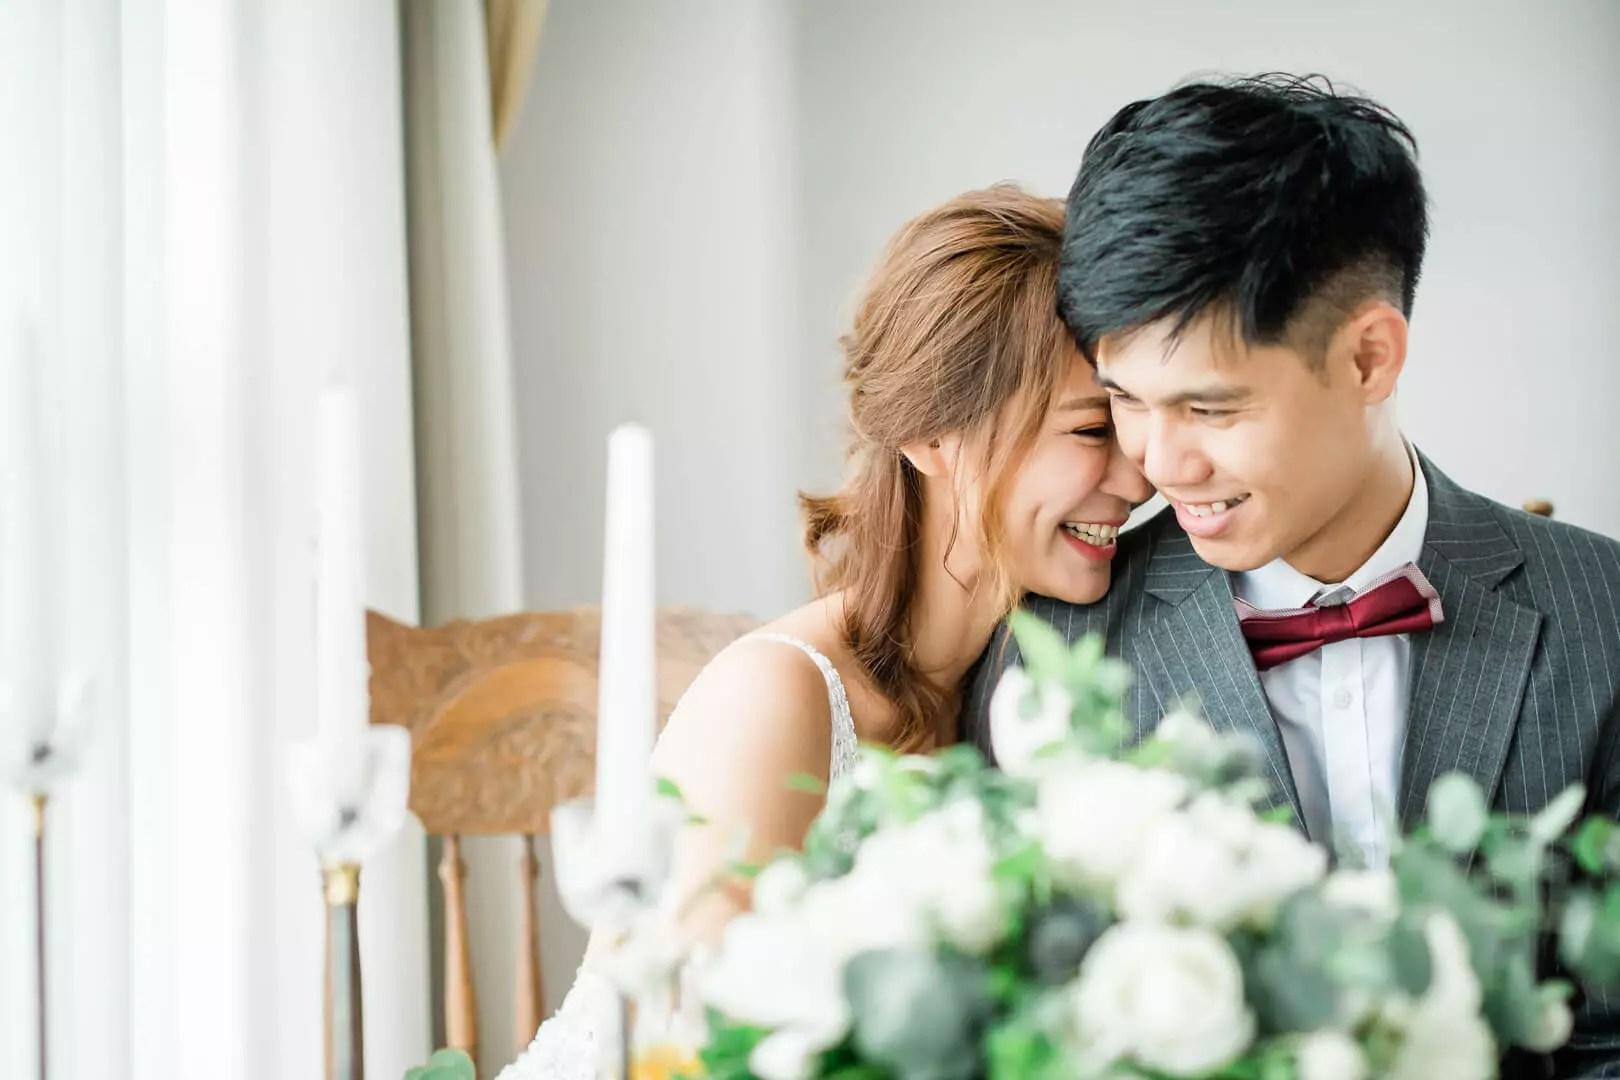 在臺中體現美式婚紗的美好-紀錄屬於你們的清新雋永 - WeddingDay 好婚專欄